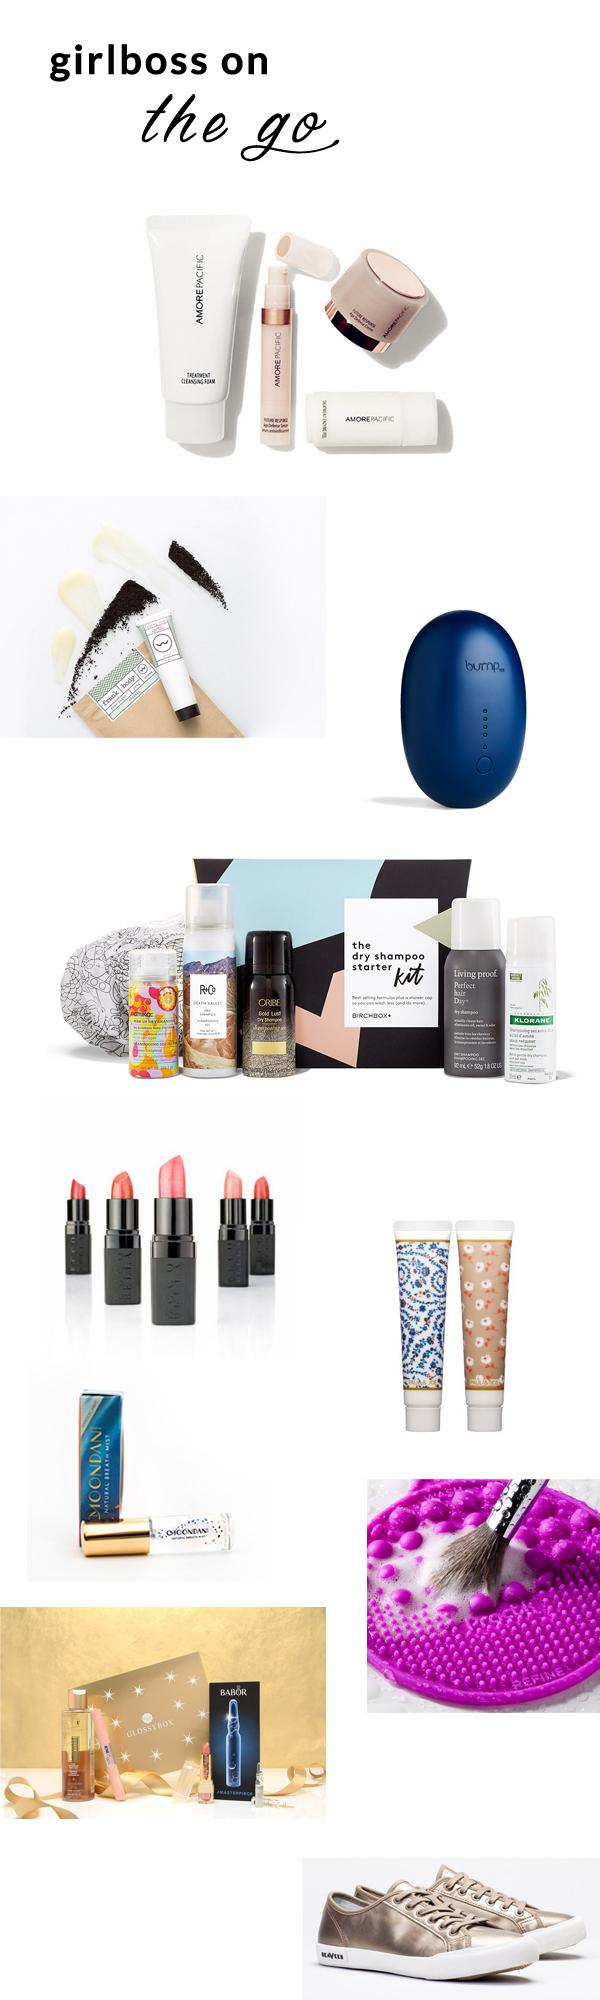 girlboss_holiday_gift_guide.jpg